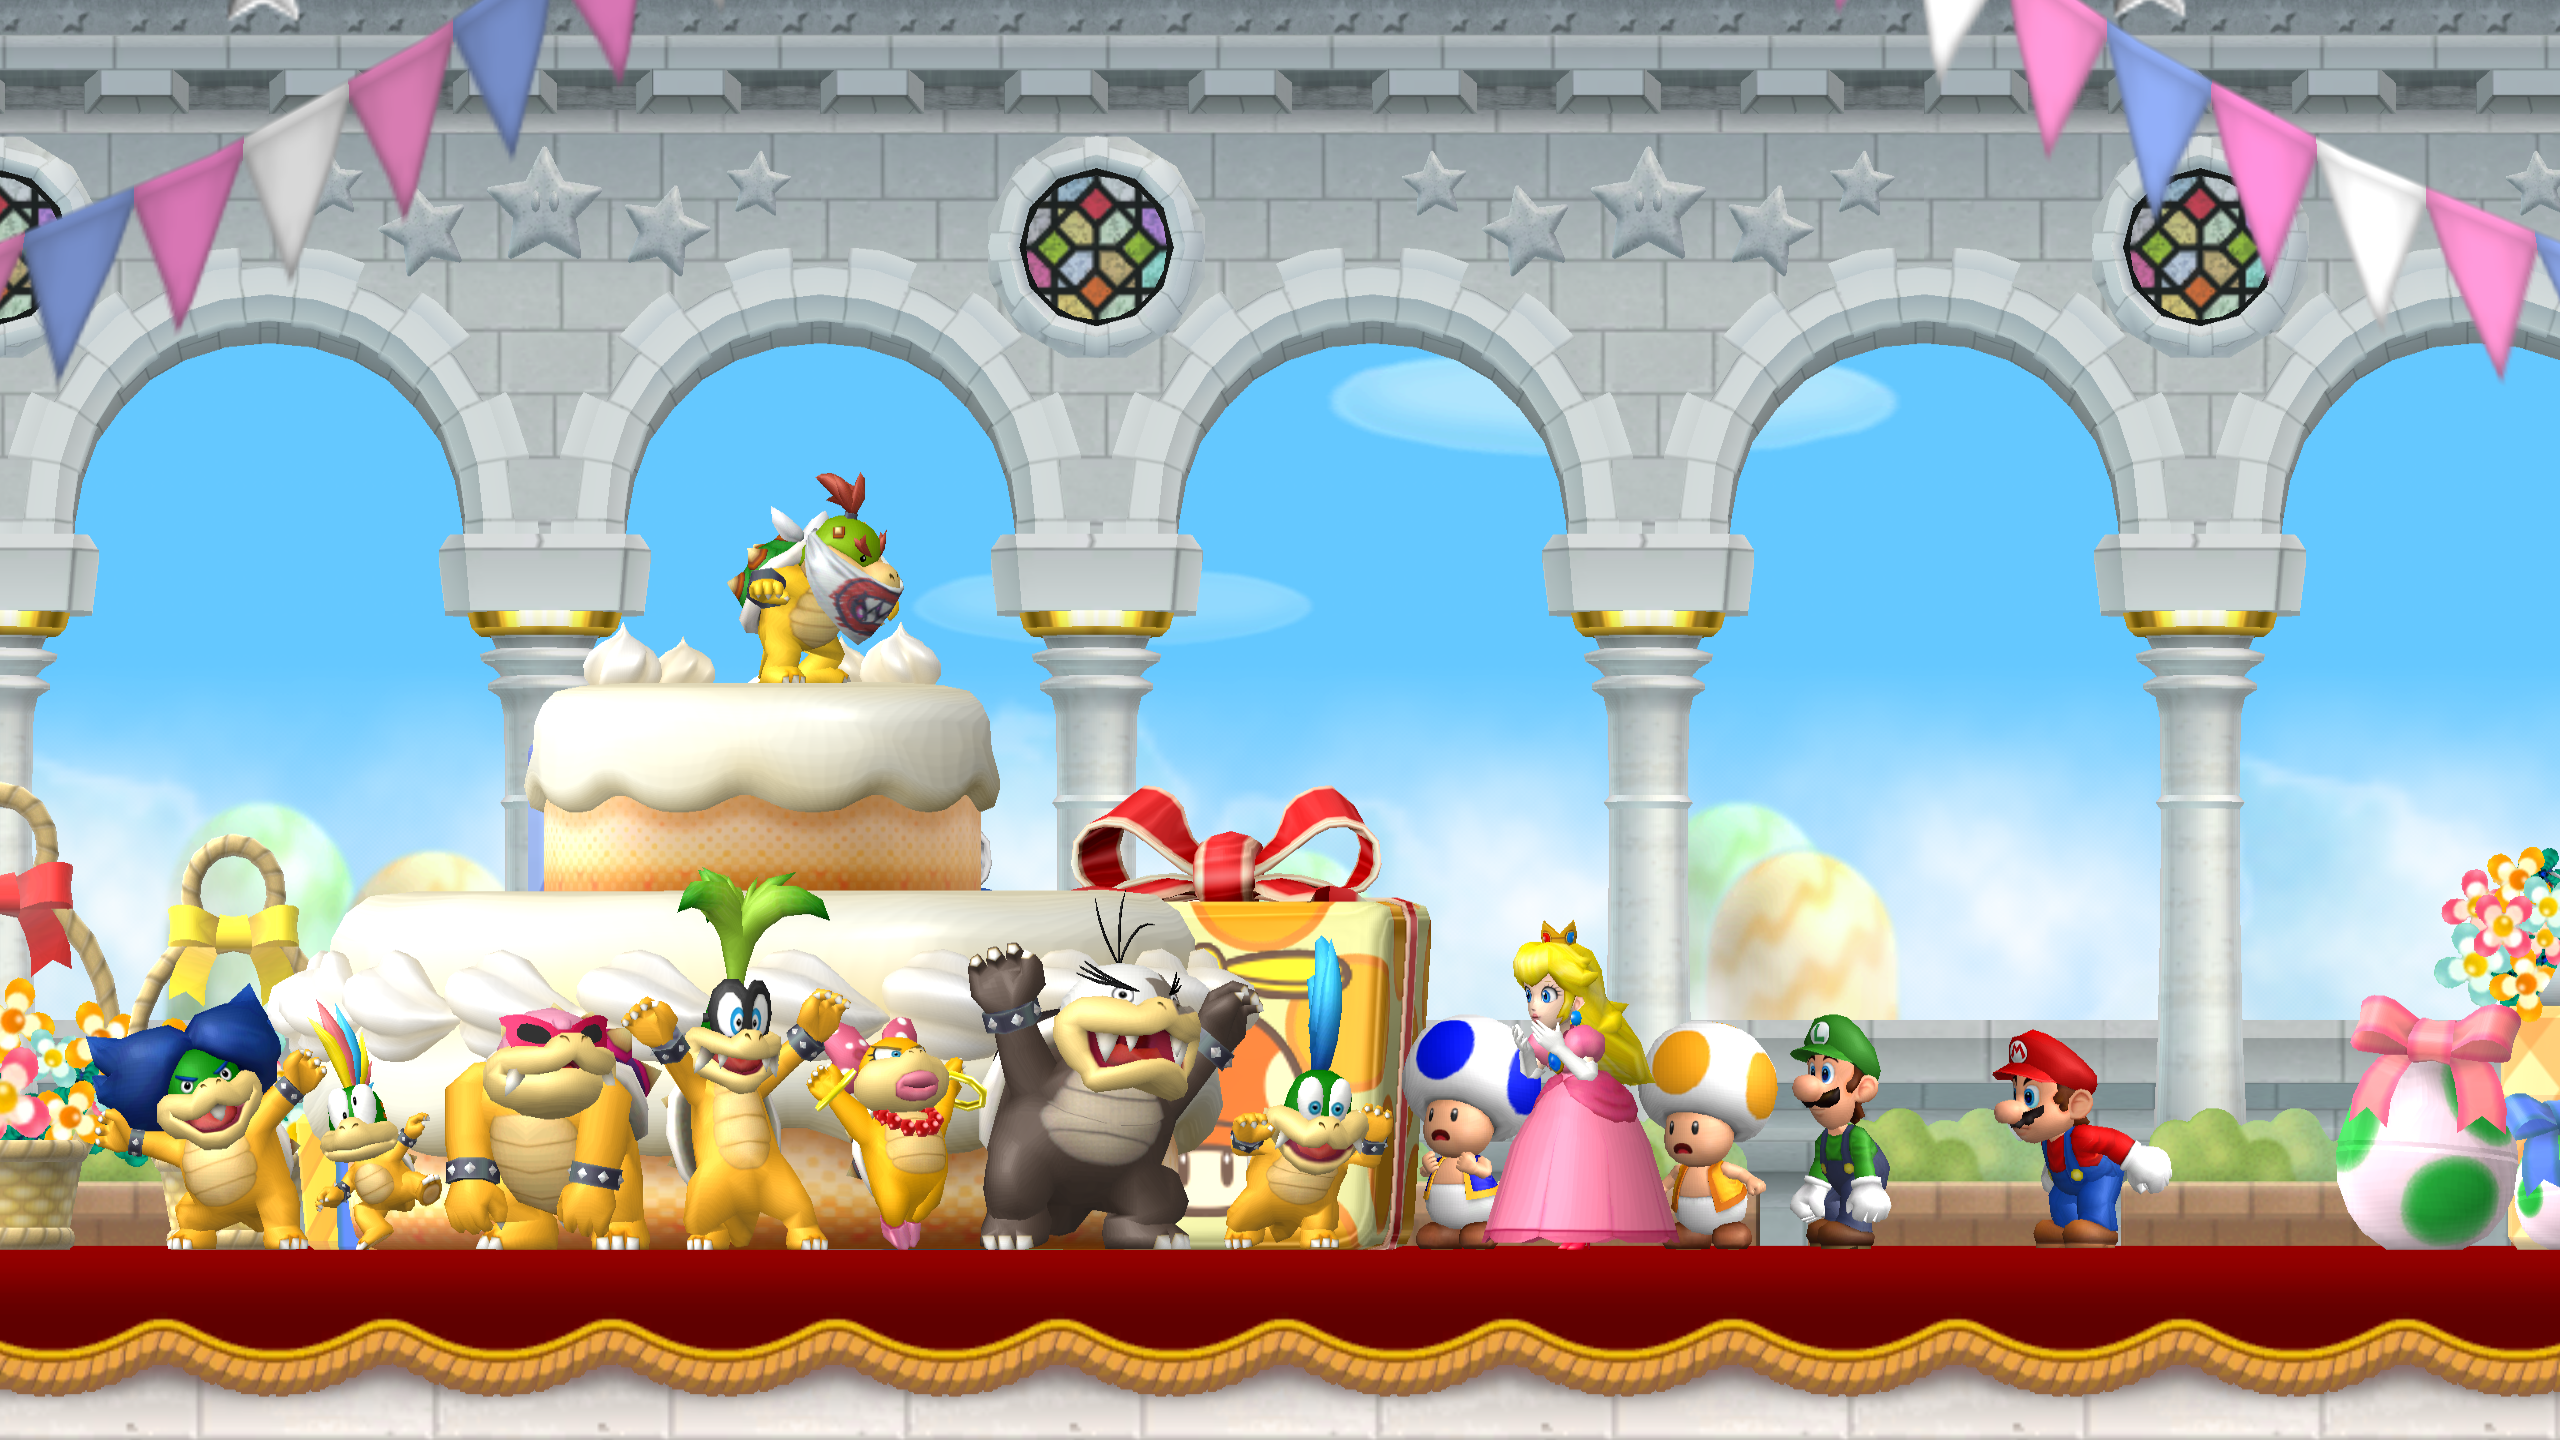 Koopalings Mariowiki Fandom